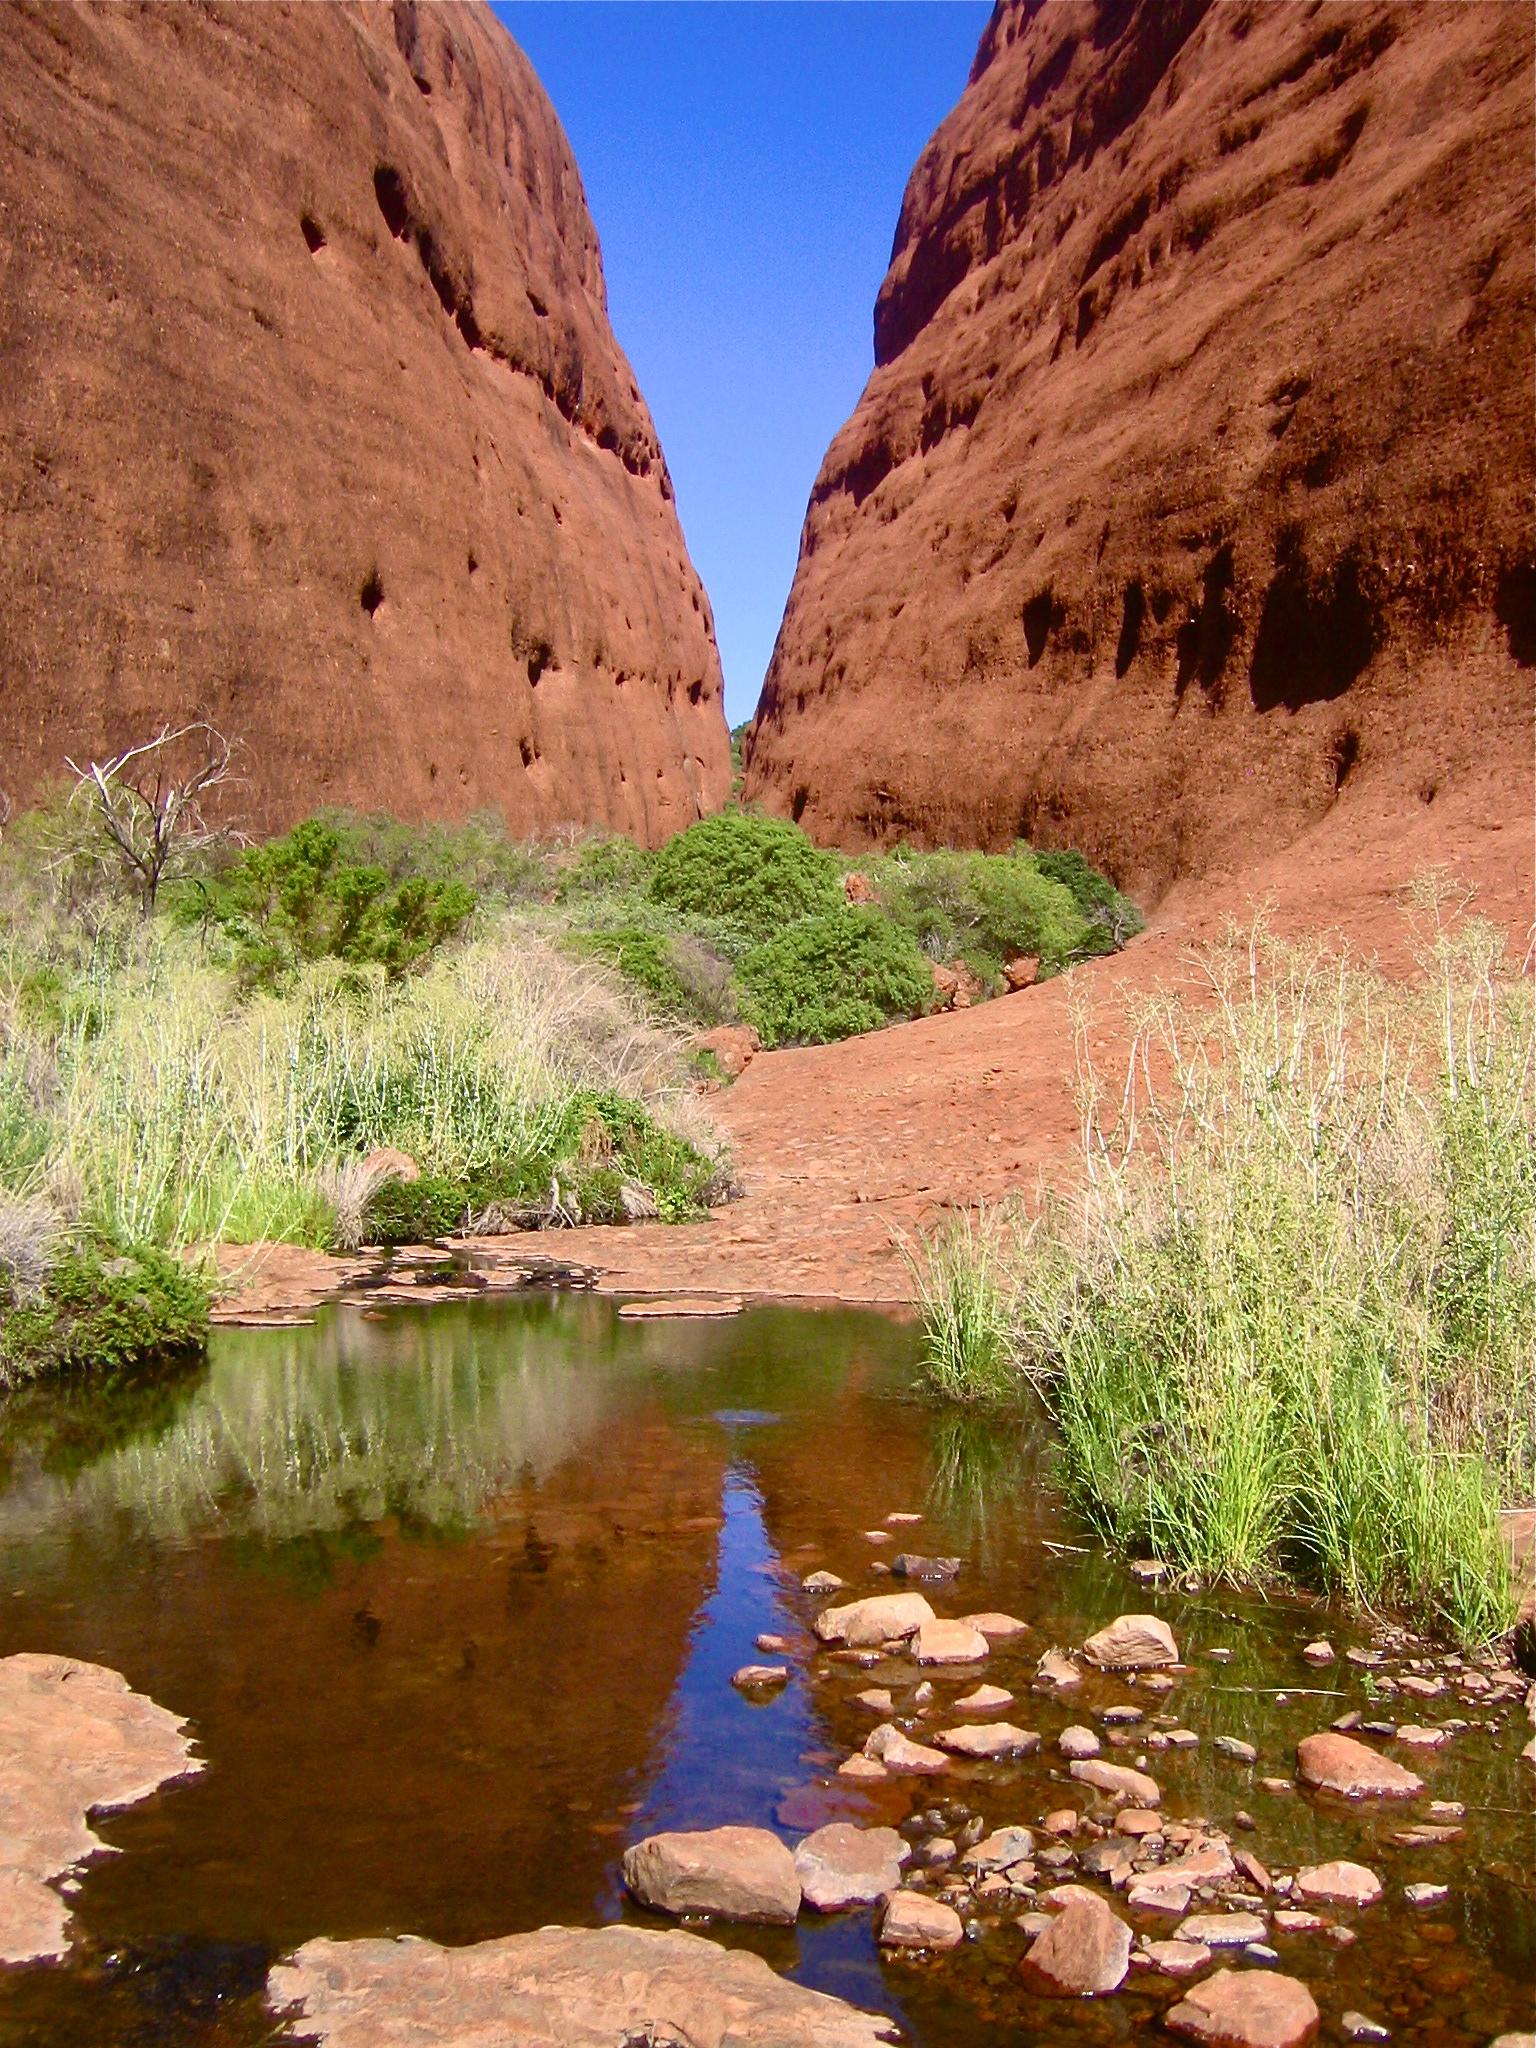 The Australian Outback Australia Kata Tjuta The Olgas aroundtheworldwithjustin.com